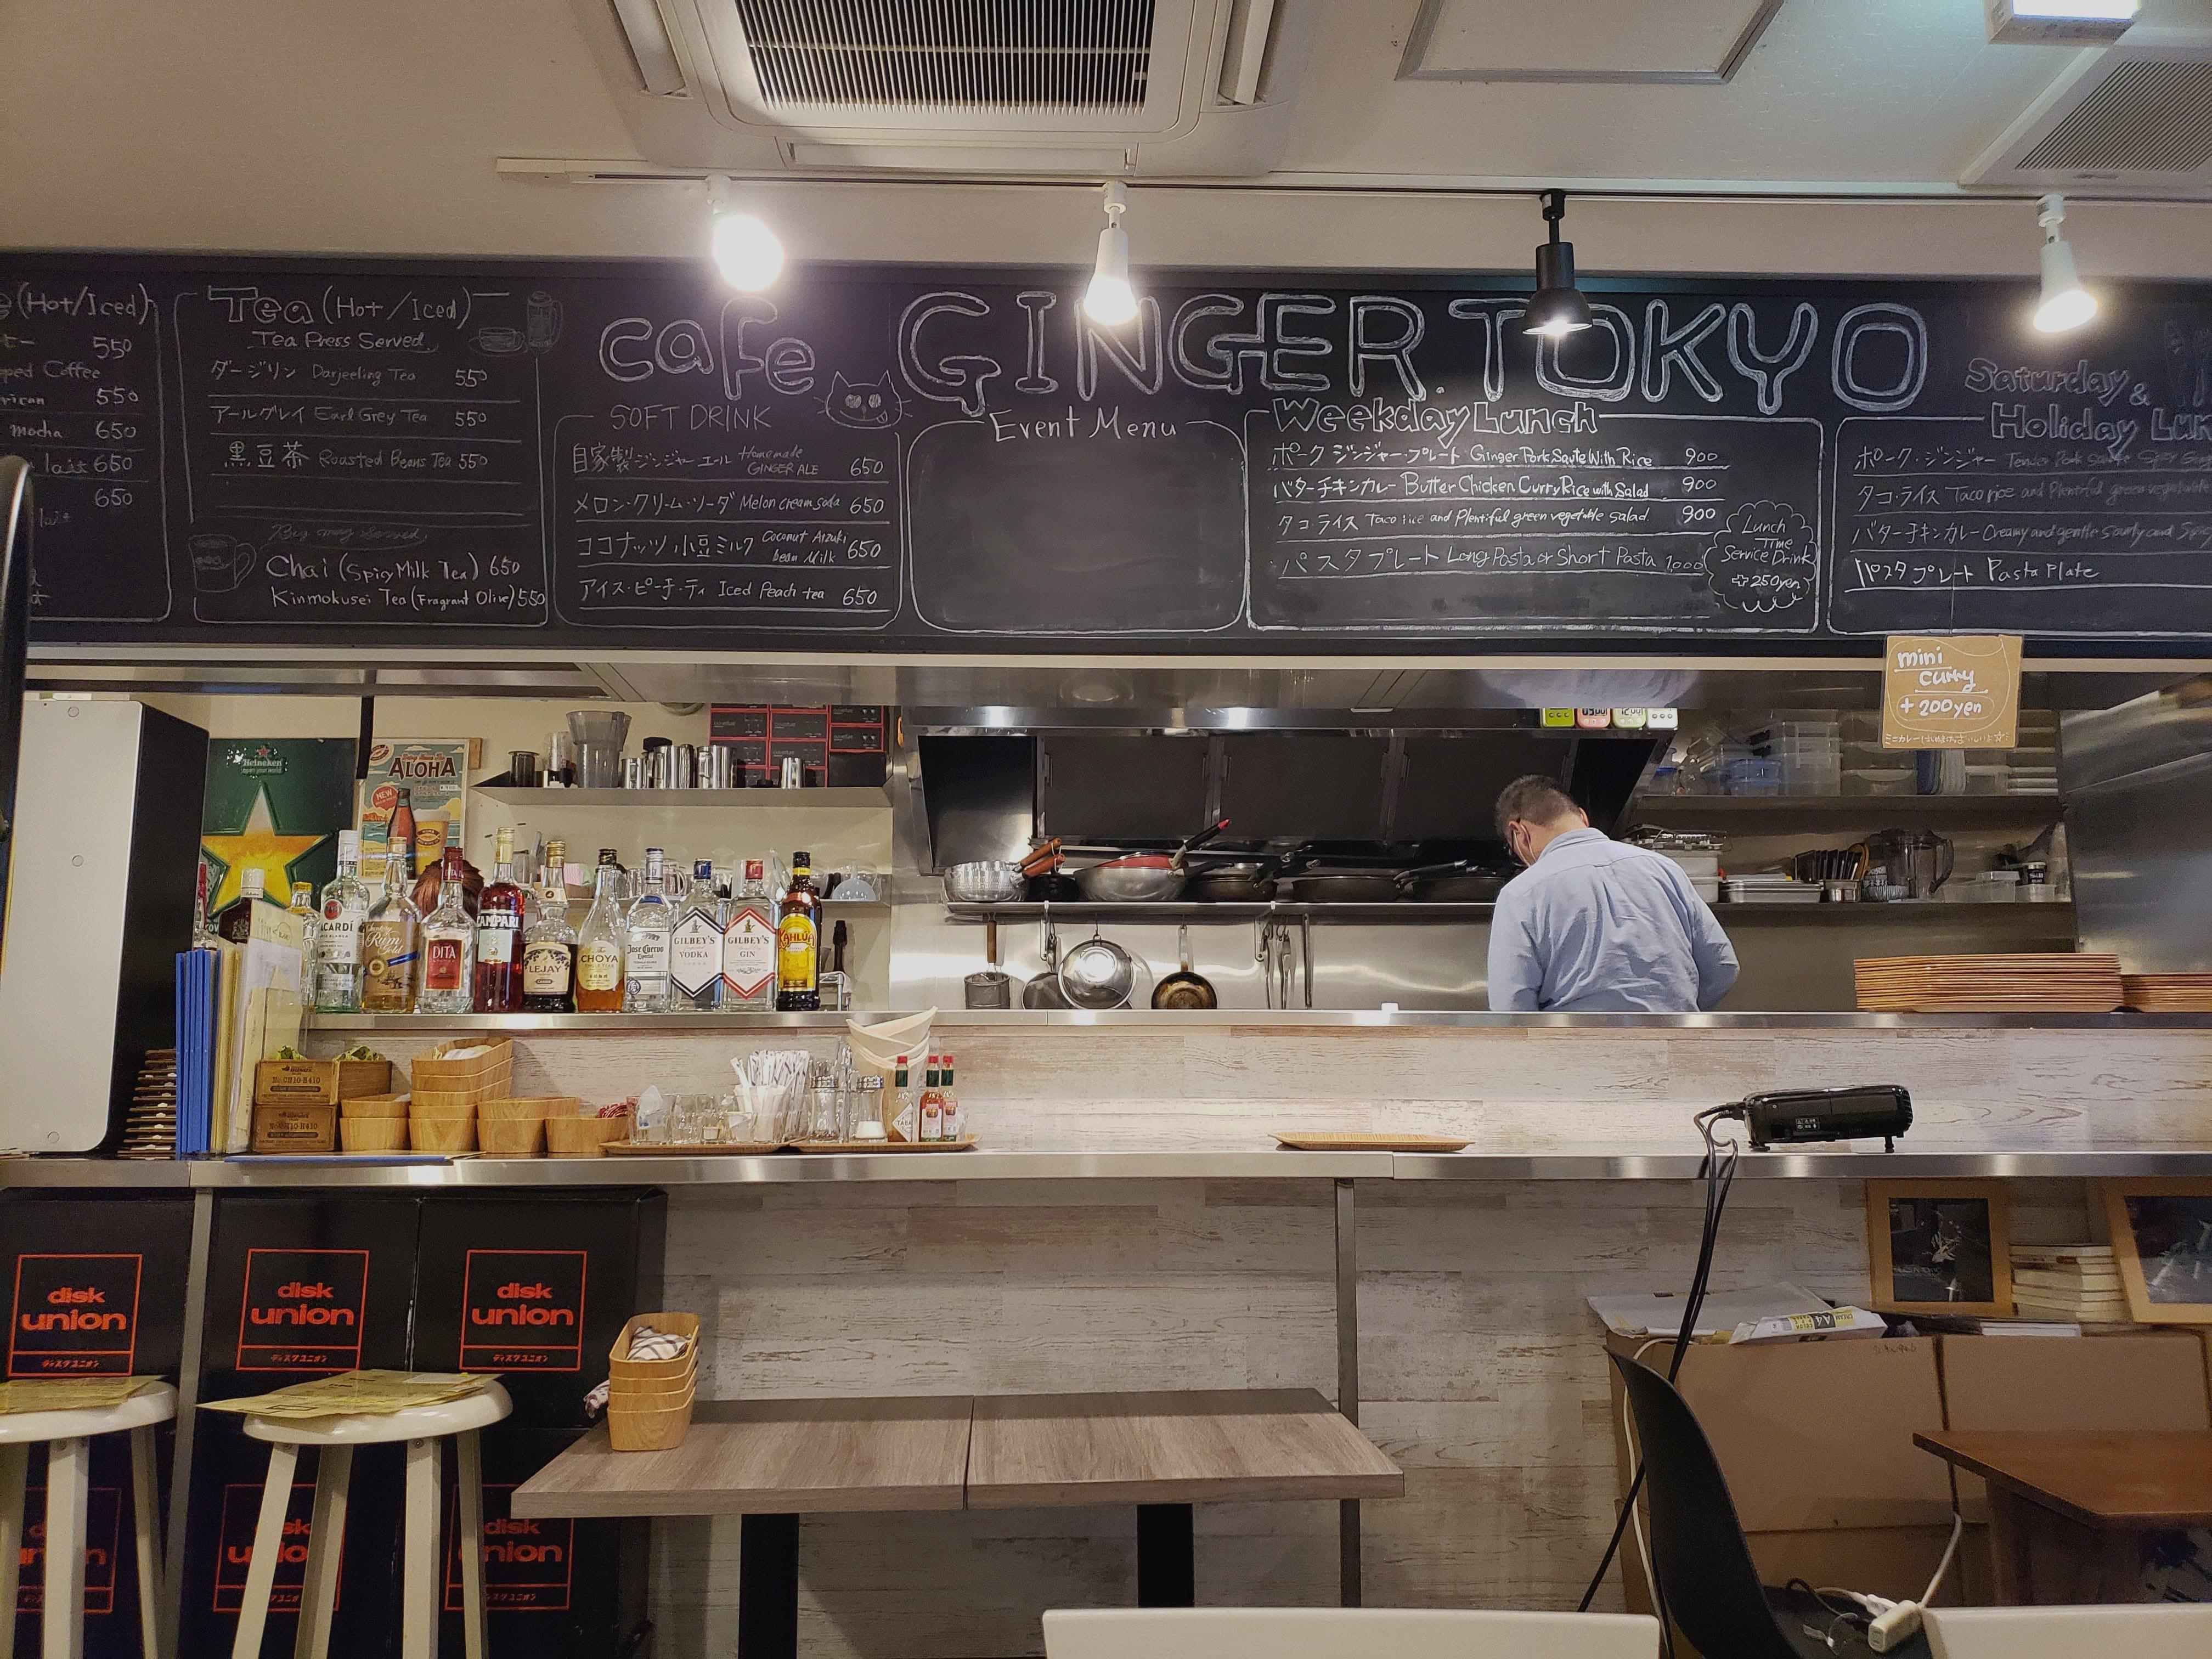 Cafe Ginger Tokyo in Kiyosumi-Shirakawa